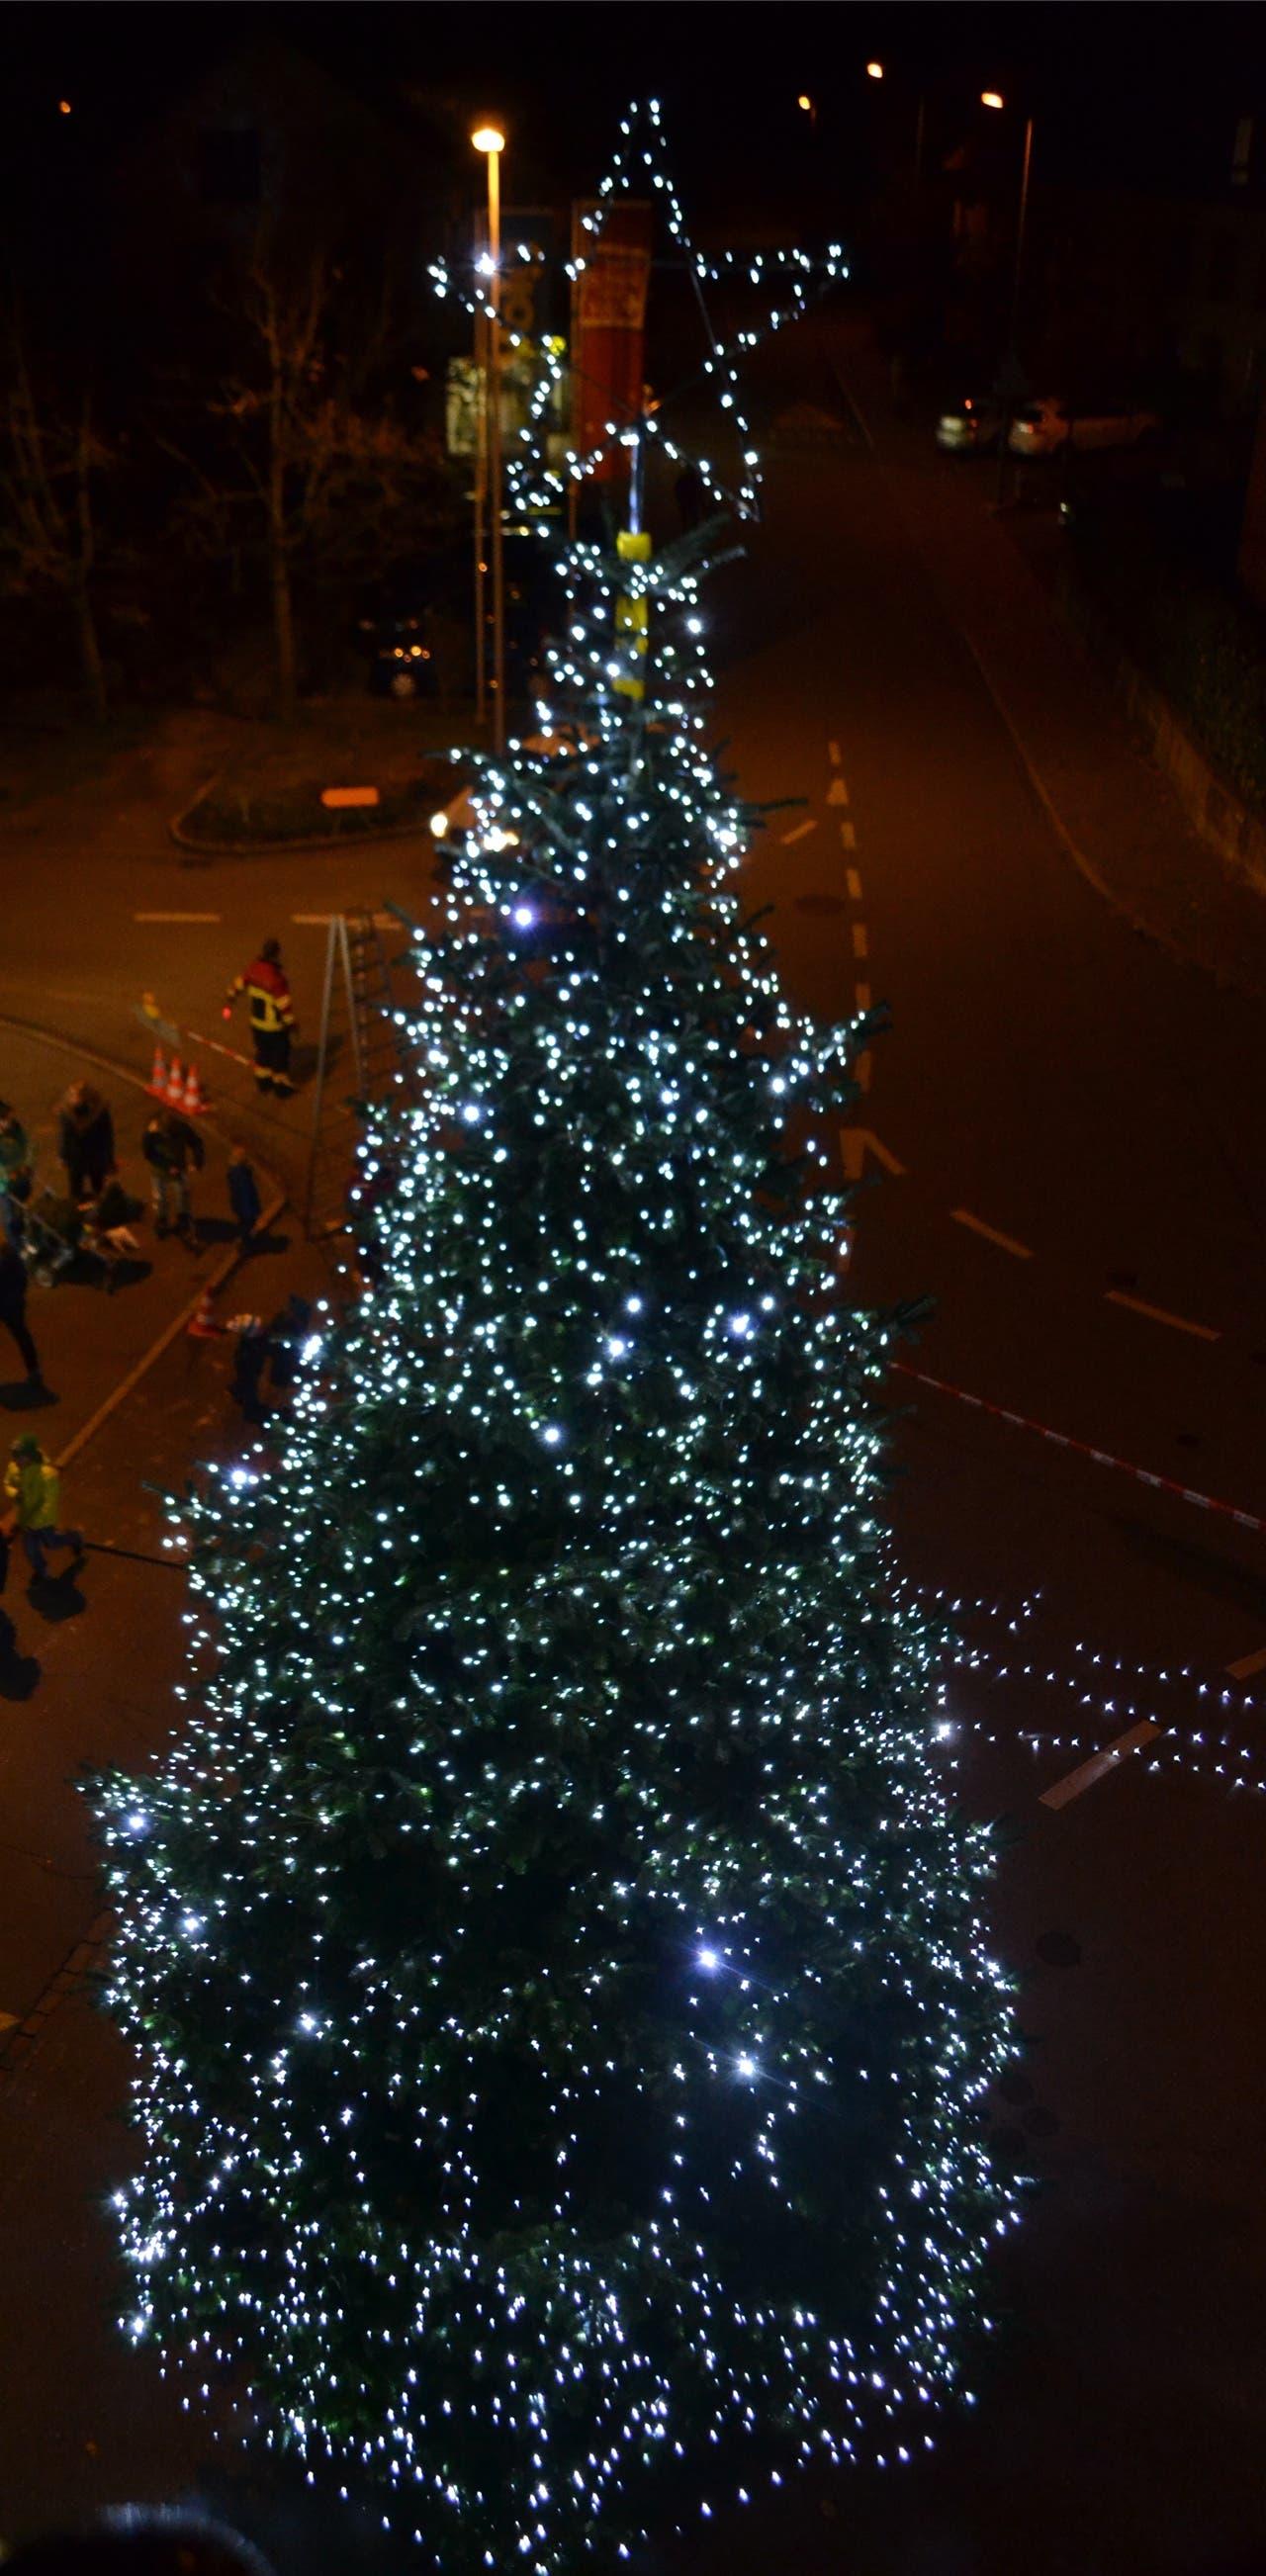 Klassisch beleuchtet: Der Weihnachtsbaum mitten im Verkehr auf dem Lindenplatz in Staufen. lee